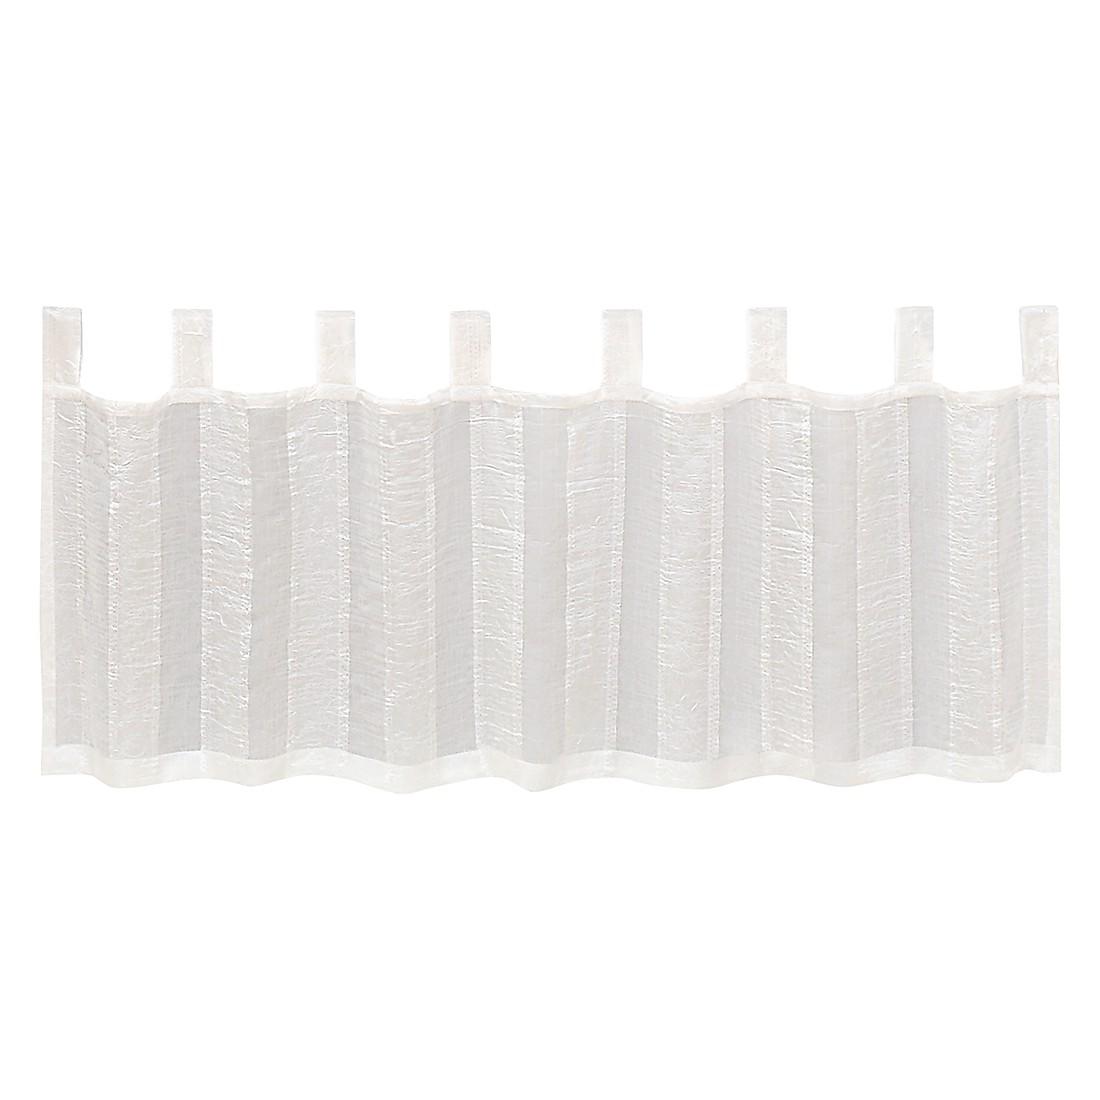 Bistrogardine Vanda – Weiß, Home24Deko günstig online kaufen